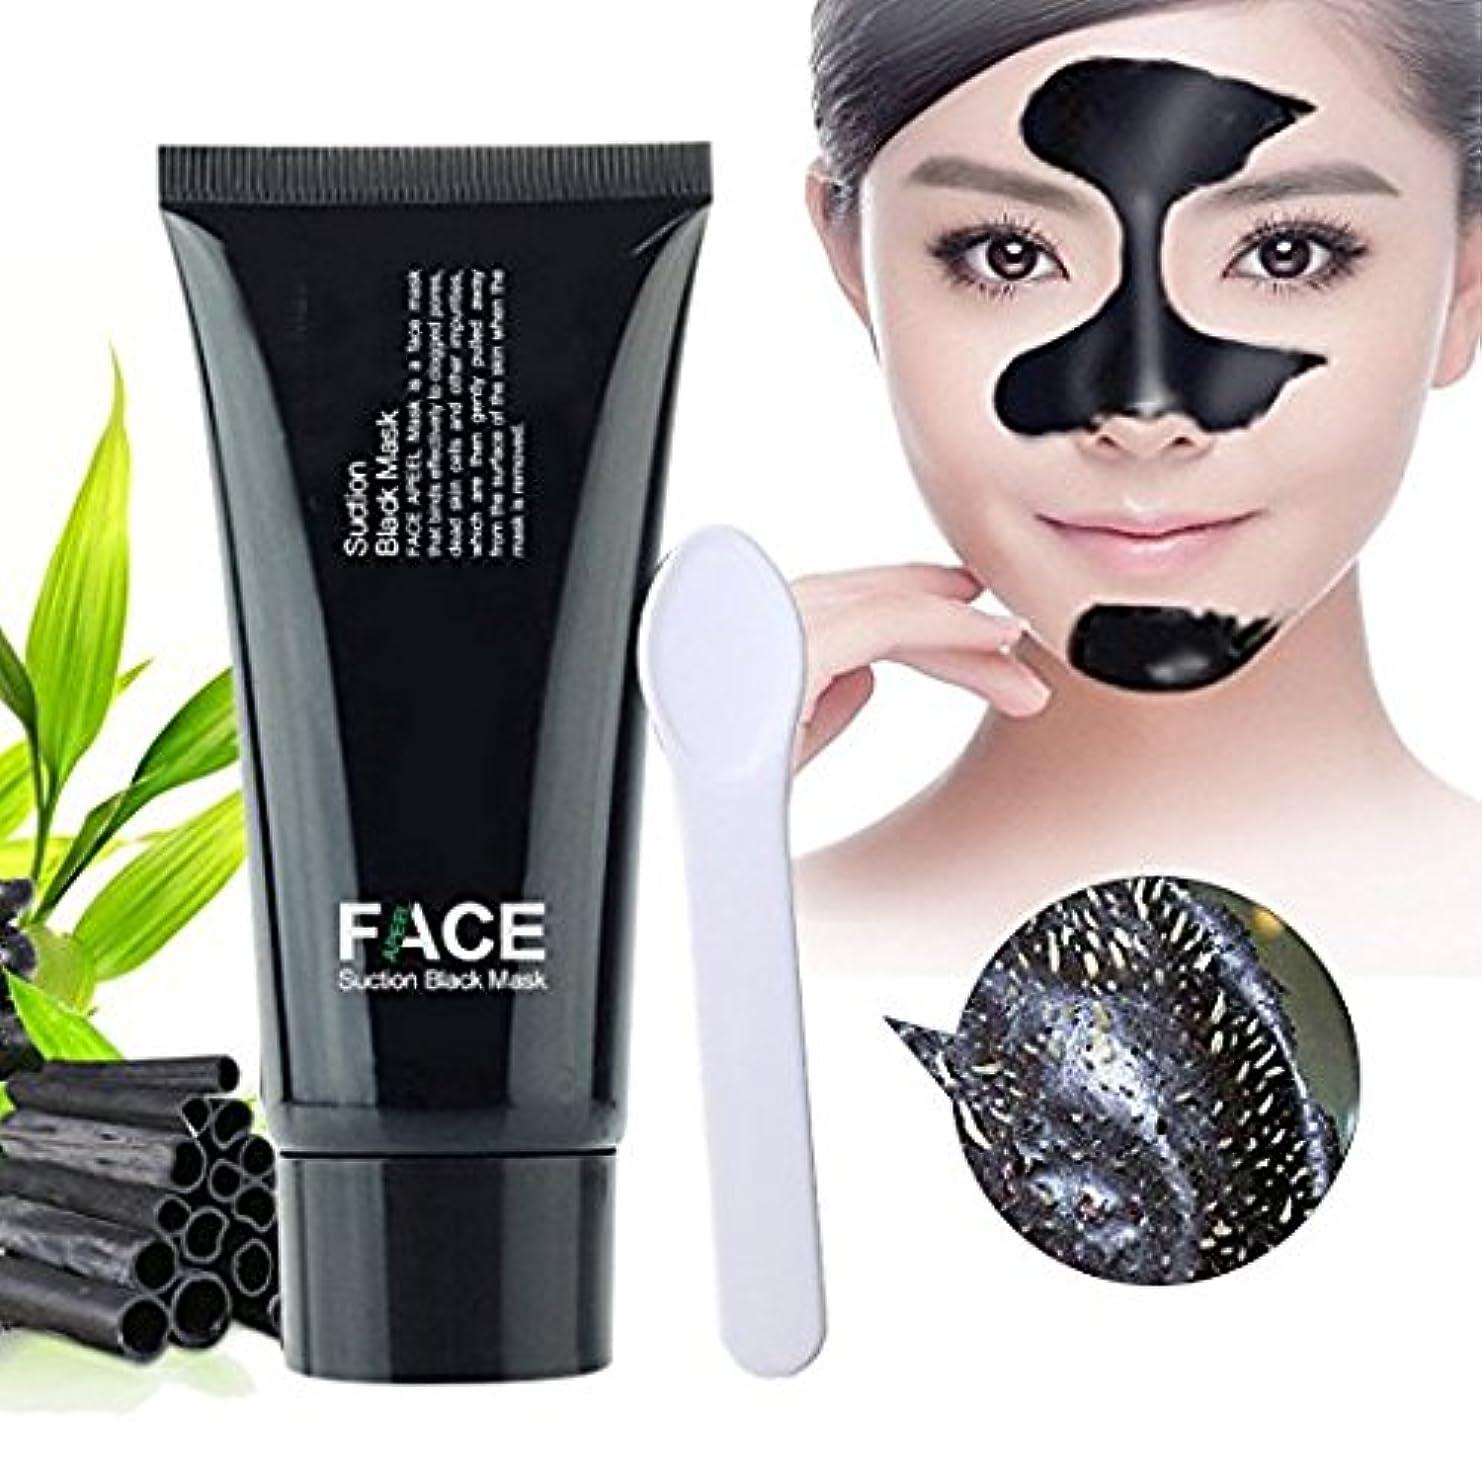 グラム道徳正確Blackhead Remover Mask, FaceApeel-Peel Off Black Head Acne Treatments,Face Cleaning Mask+Spoon